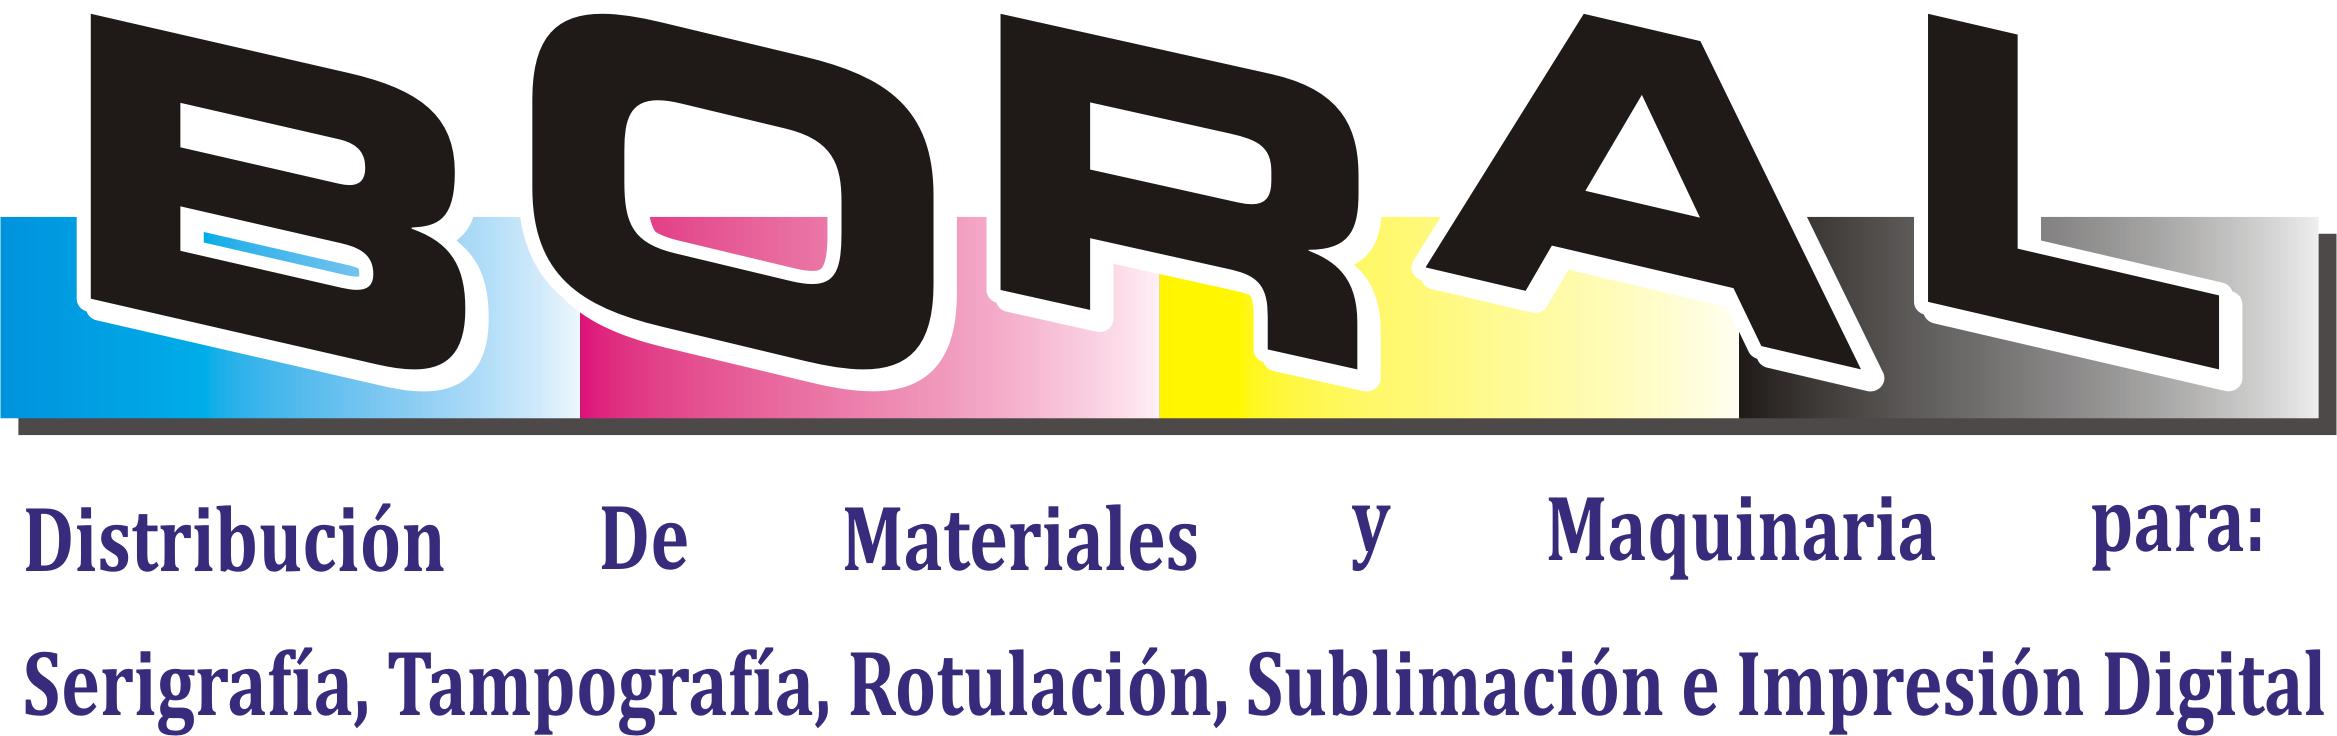 Distribuciones BORAL